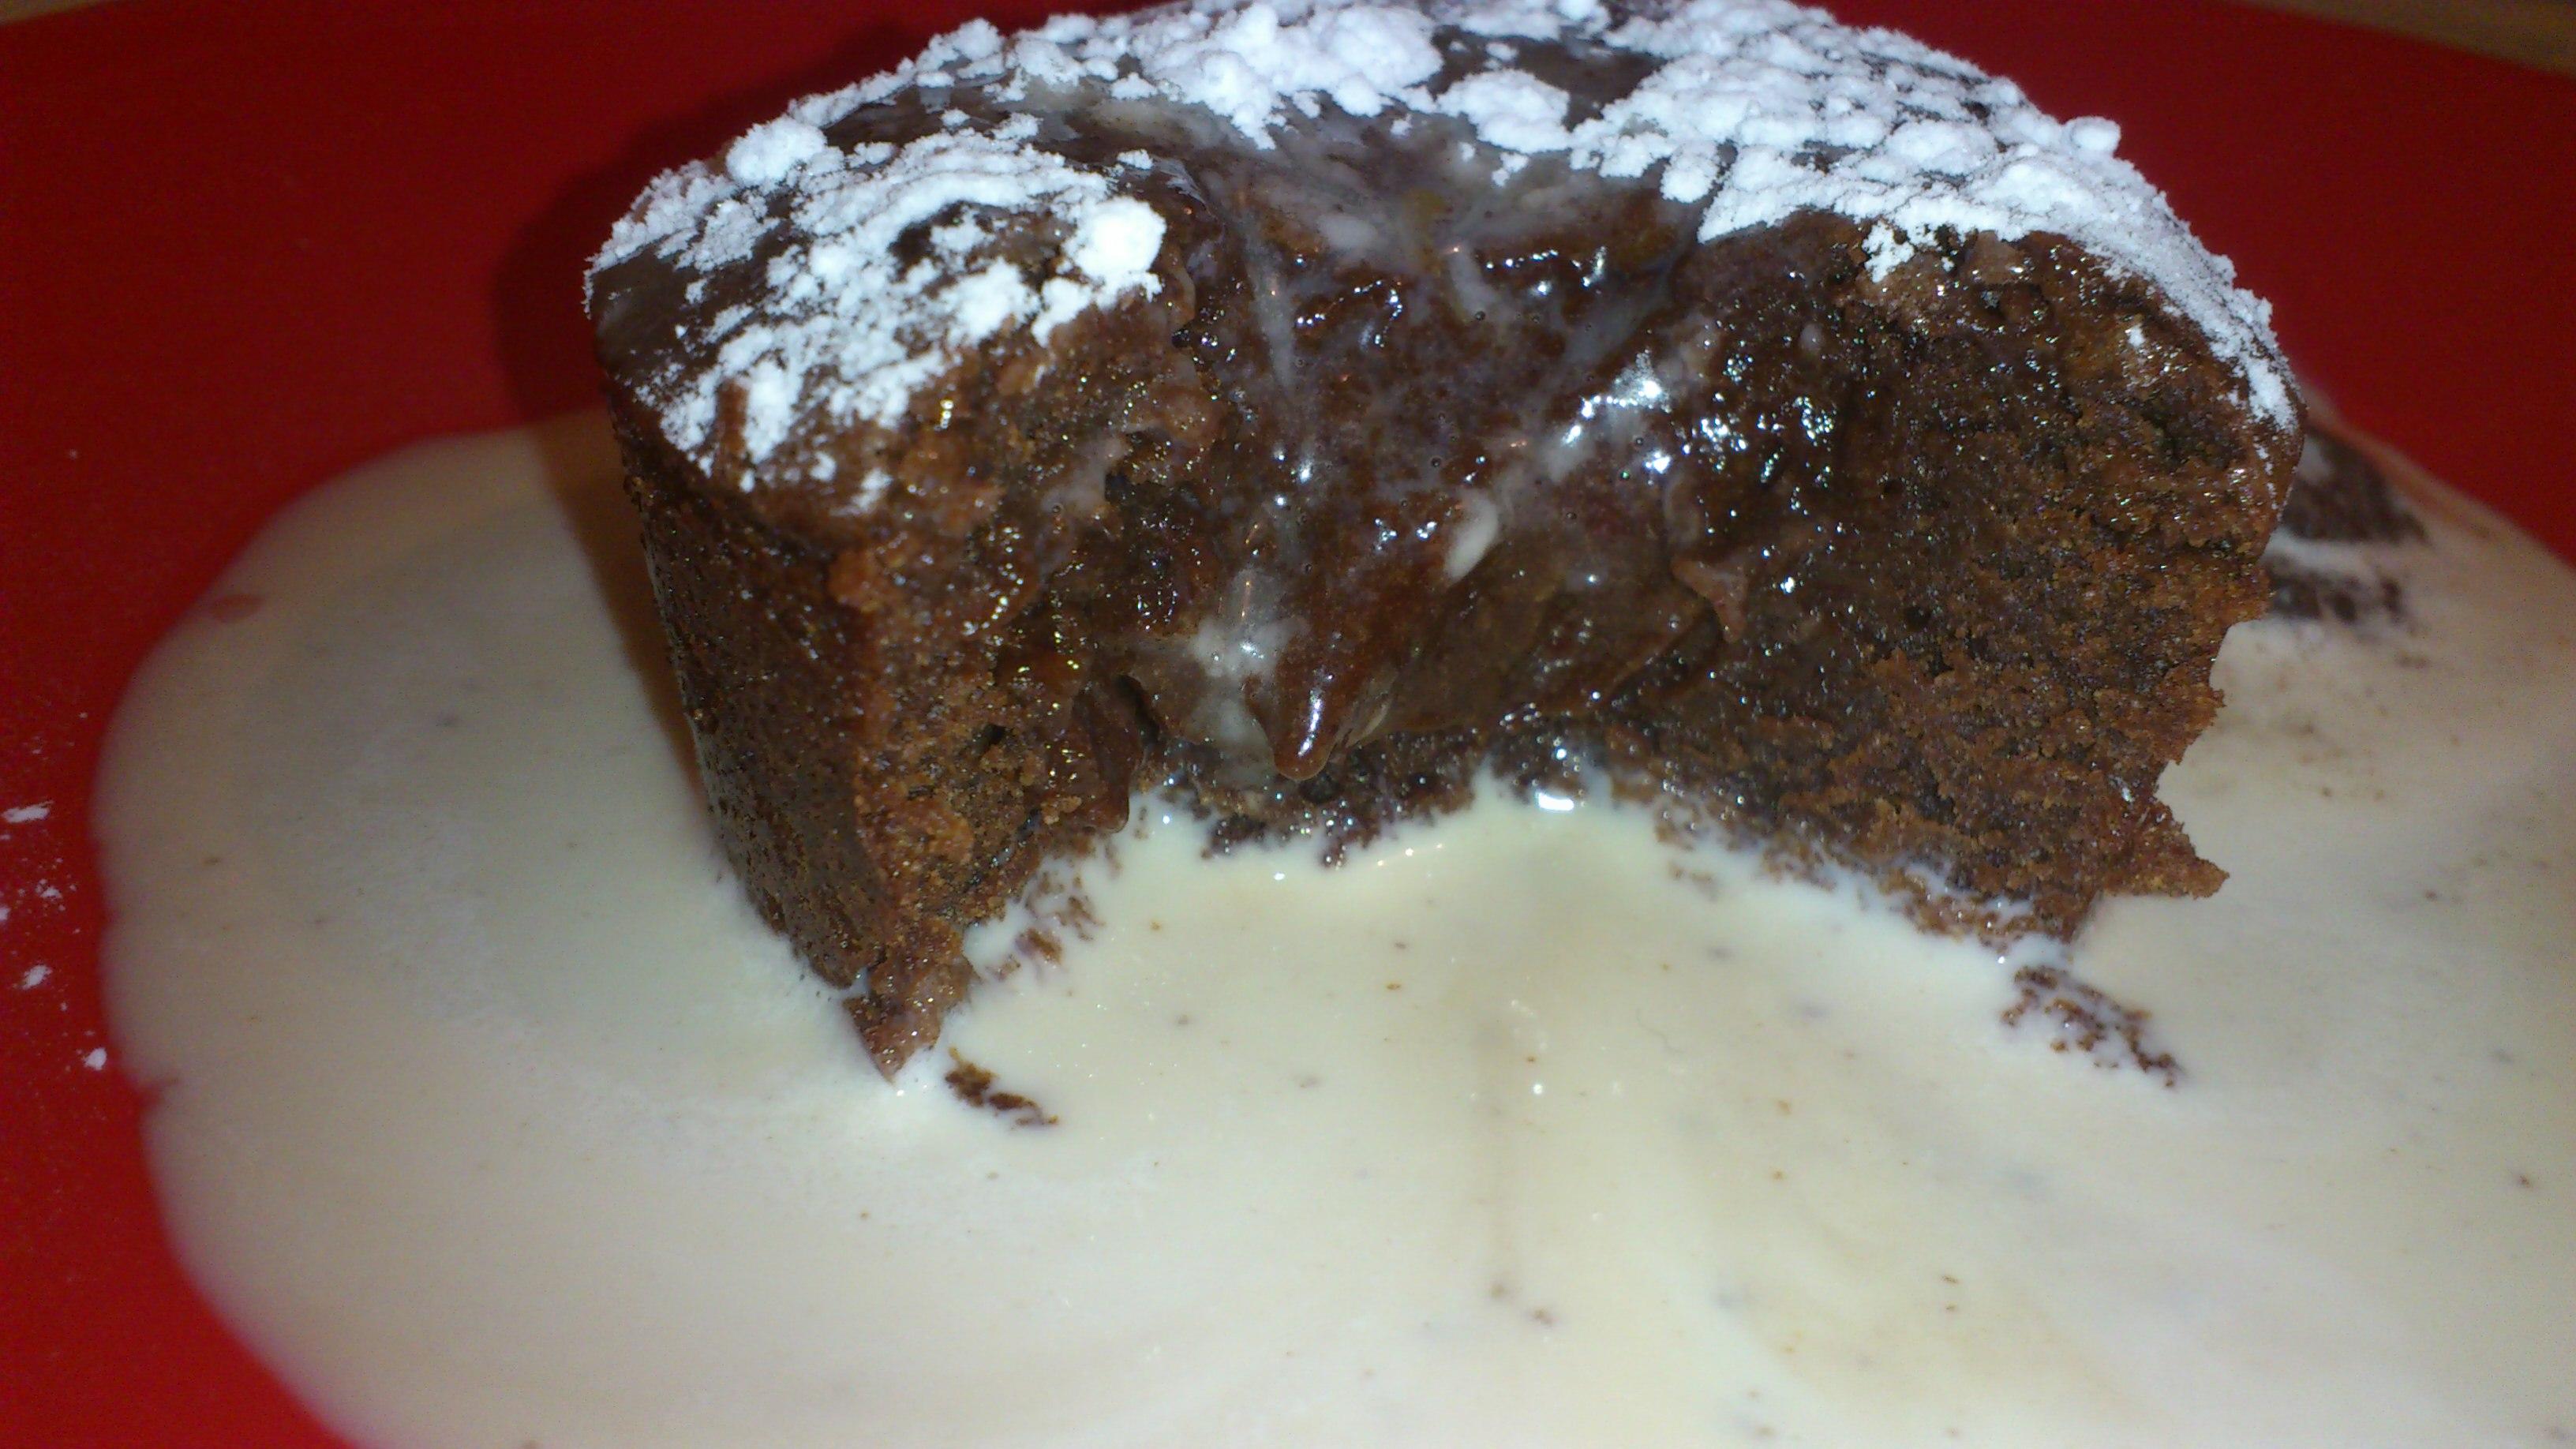 Comment Reussir Un Fondant Au Chocolat Parfait 3 La Revue De Sam